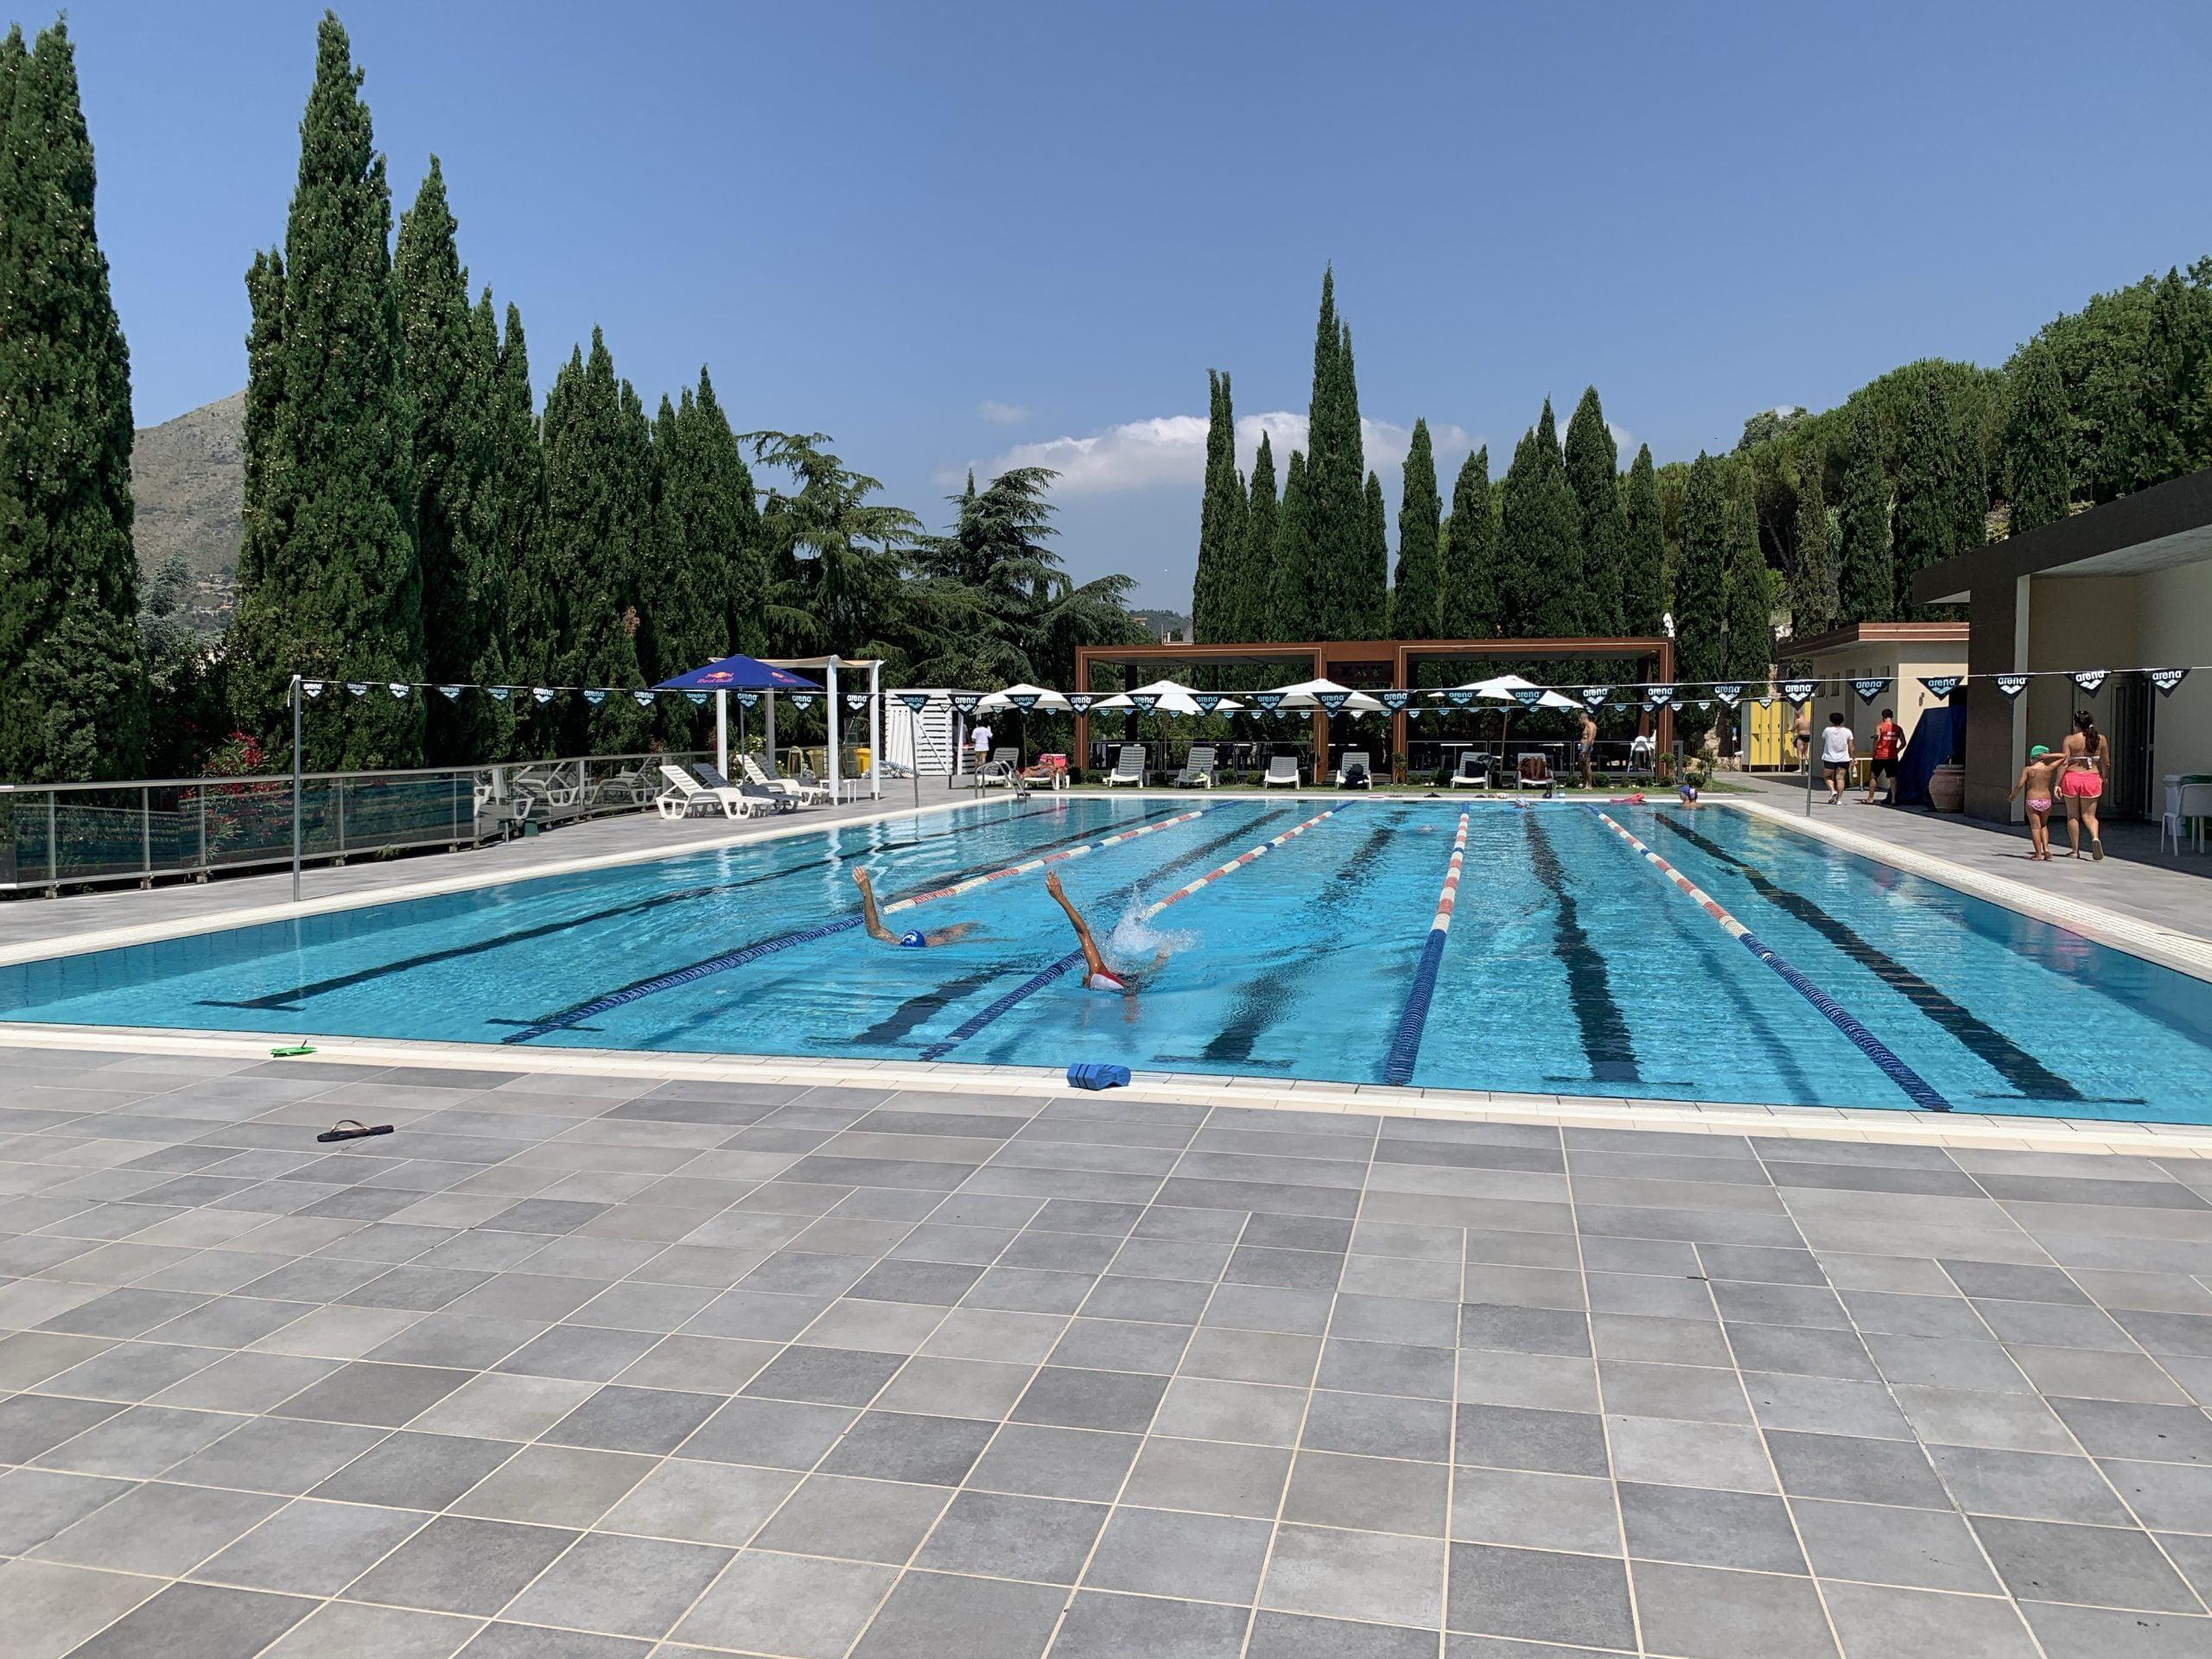 La piscina semi-olimpionica esterna del Centro Sportivo XXV Ponti, in cui praticare nuoto libero e le attività proposte.